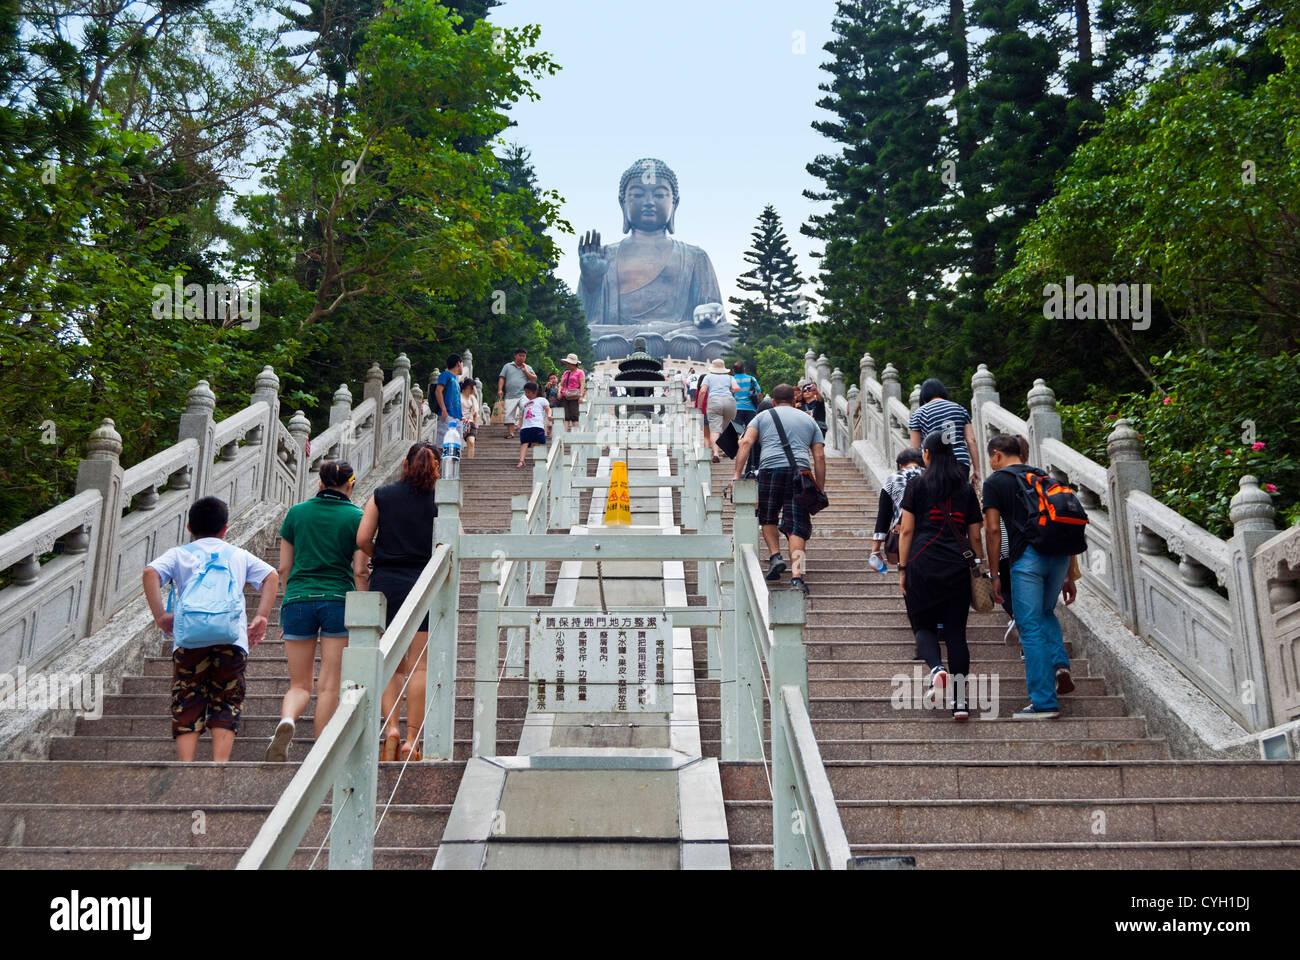 Tian Tan Buddha with 268 steps, Lantau Island, Hong Kong - Stock Image